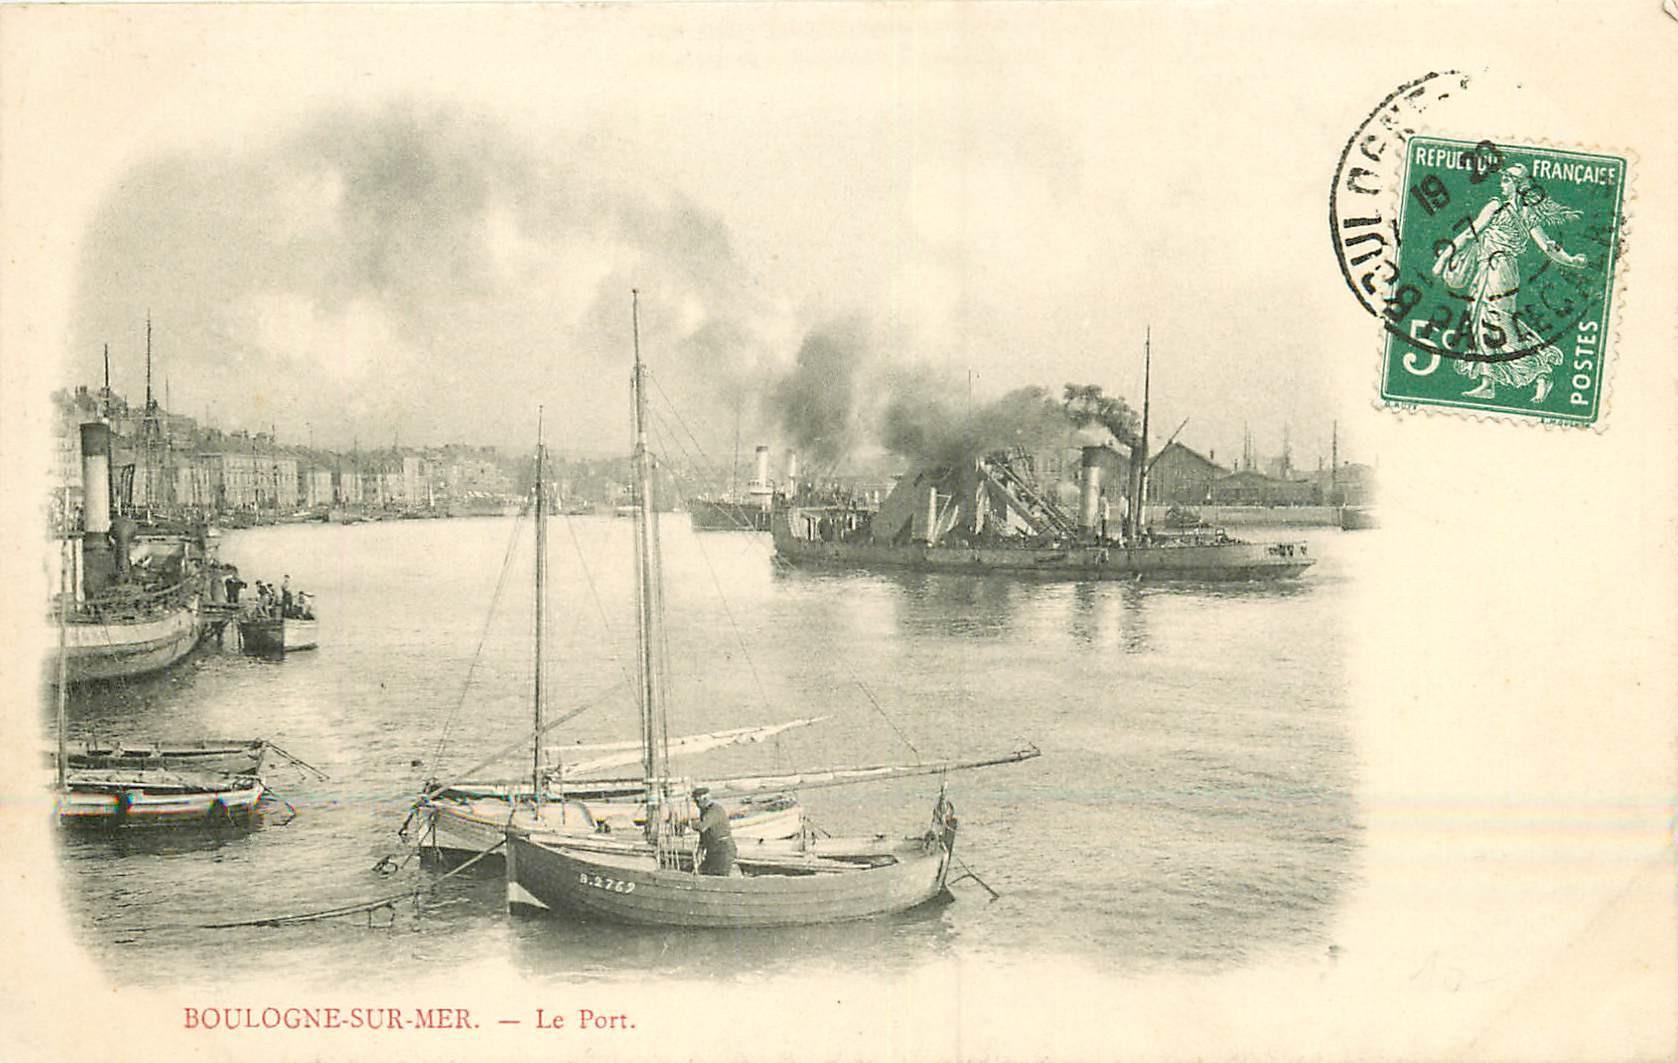 WW 62 BOULOGNE-SUR-MER. Navire dragueur de vase et Barques de Pêcheurs vers 1908